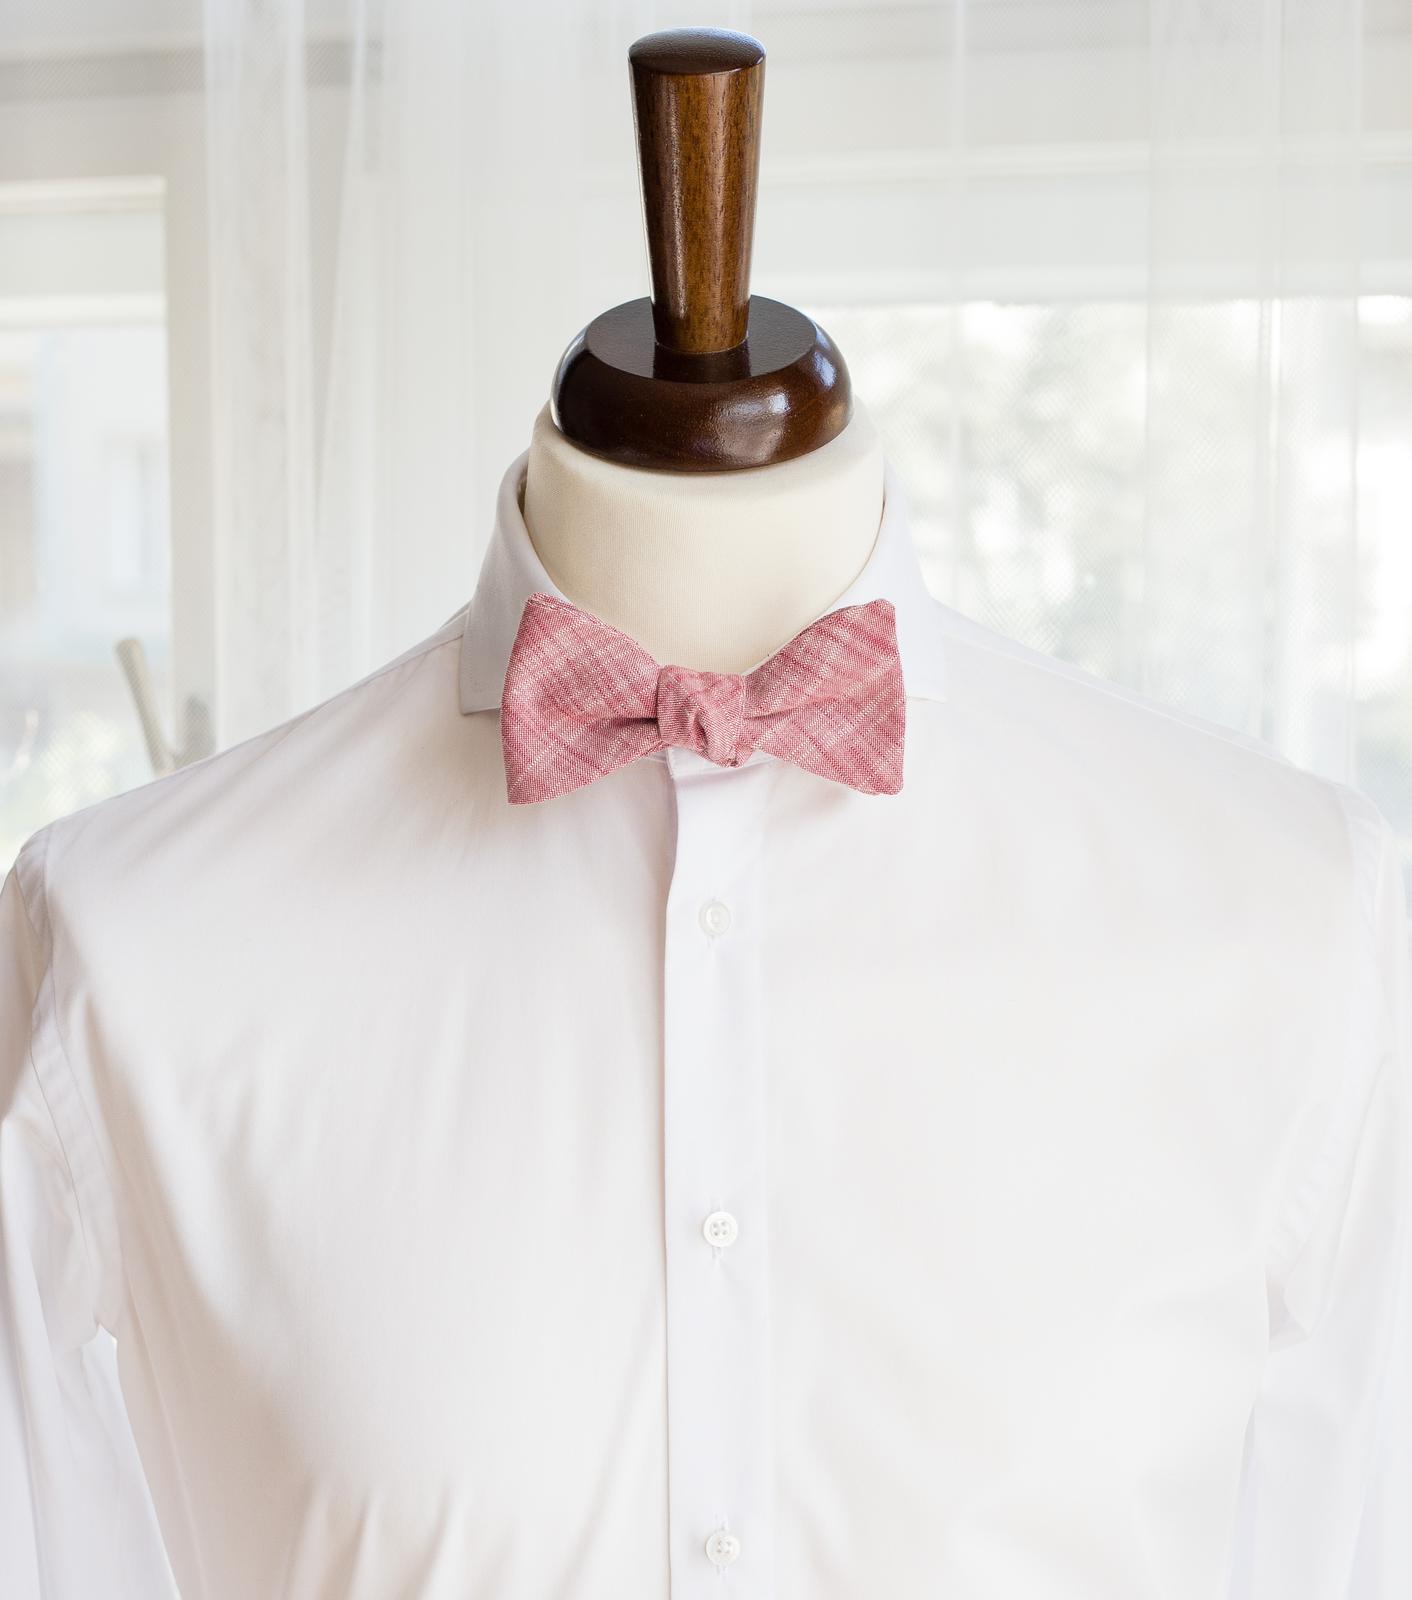 Červená pastelová kolekce kravat a motýlků - Červený pastelový vázací motýlek